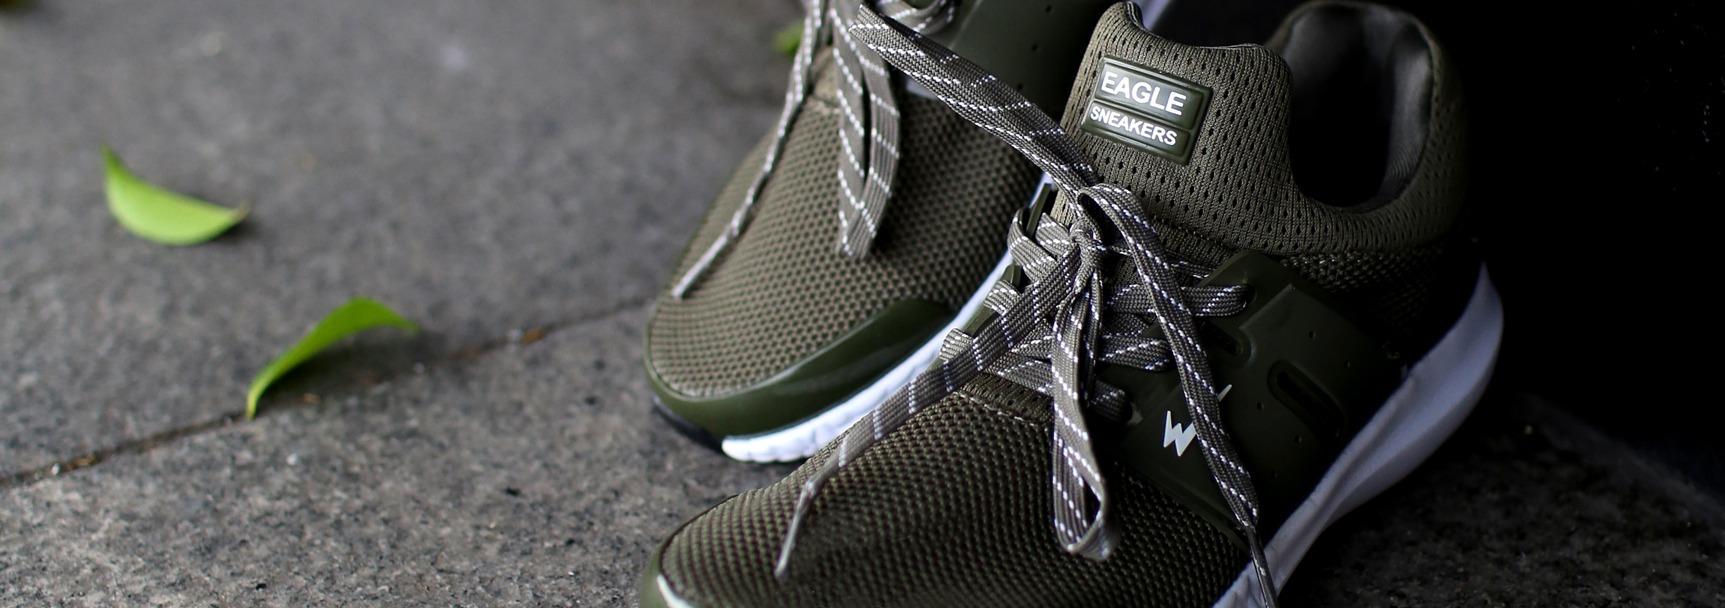 Jual Sepatu Eagle Terbaru Spider Jogging Lari Pria